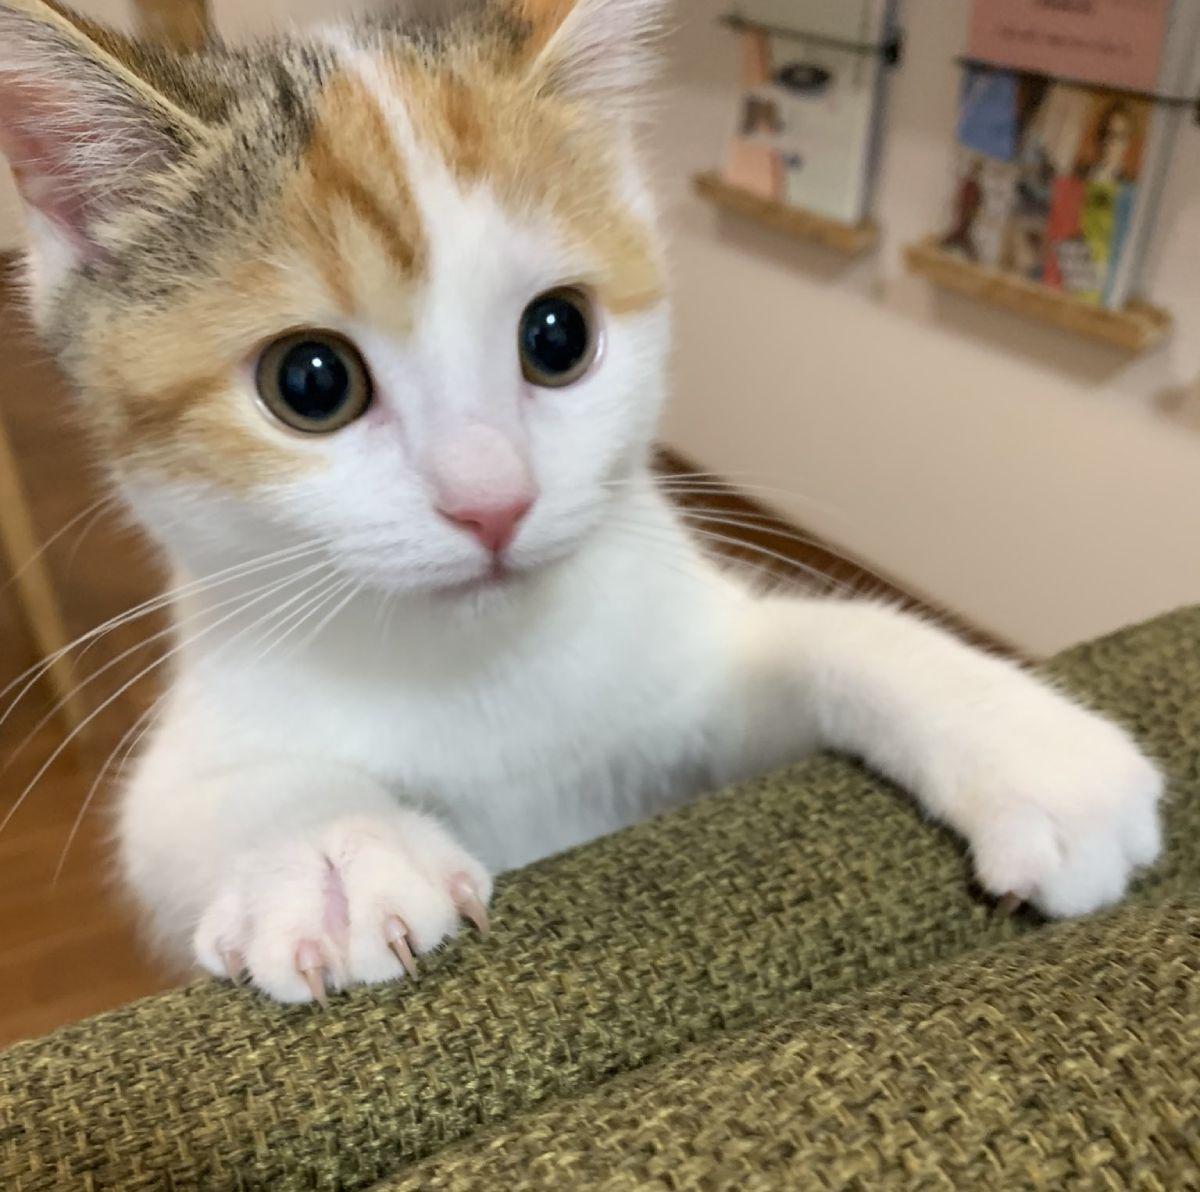 健康優良猫なコムギちゃん。Twitterにて、日々の尊い姿を披露しています。